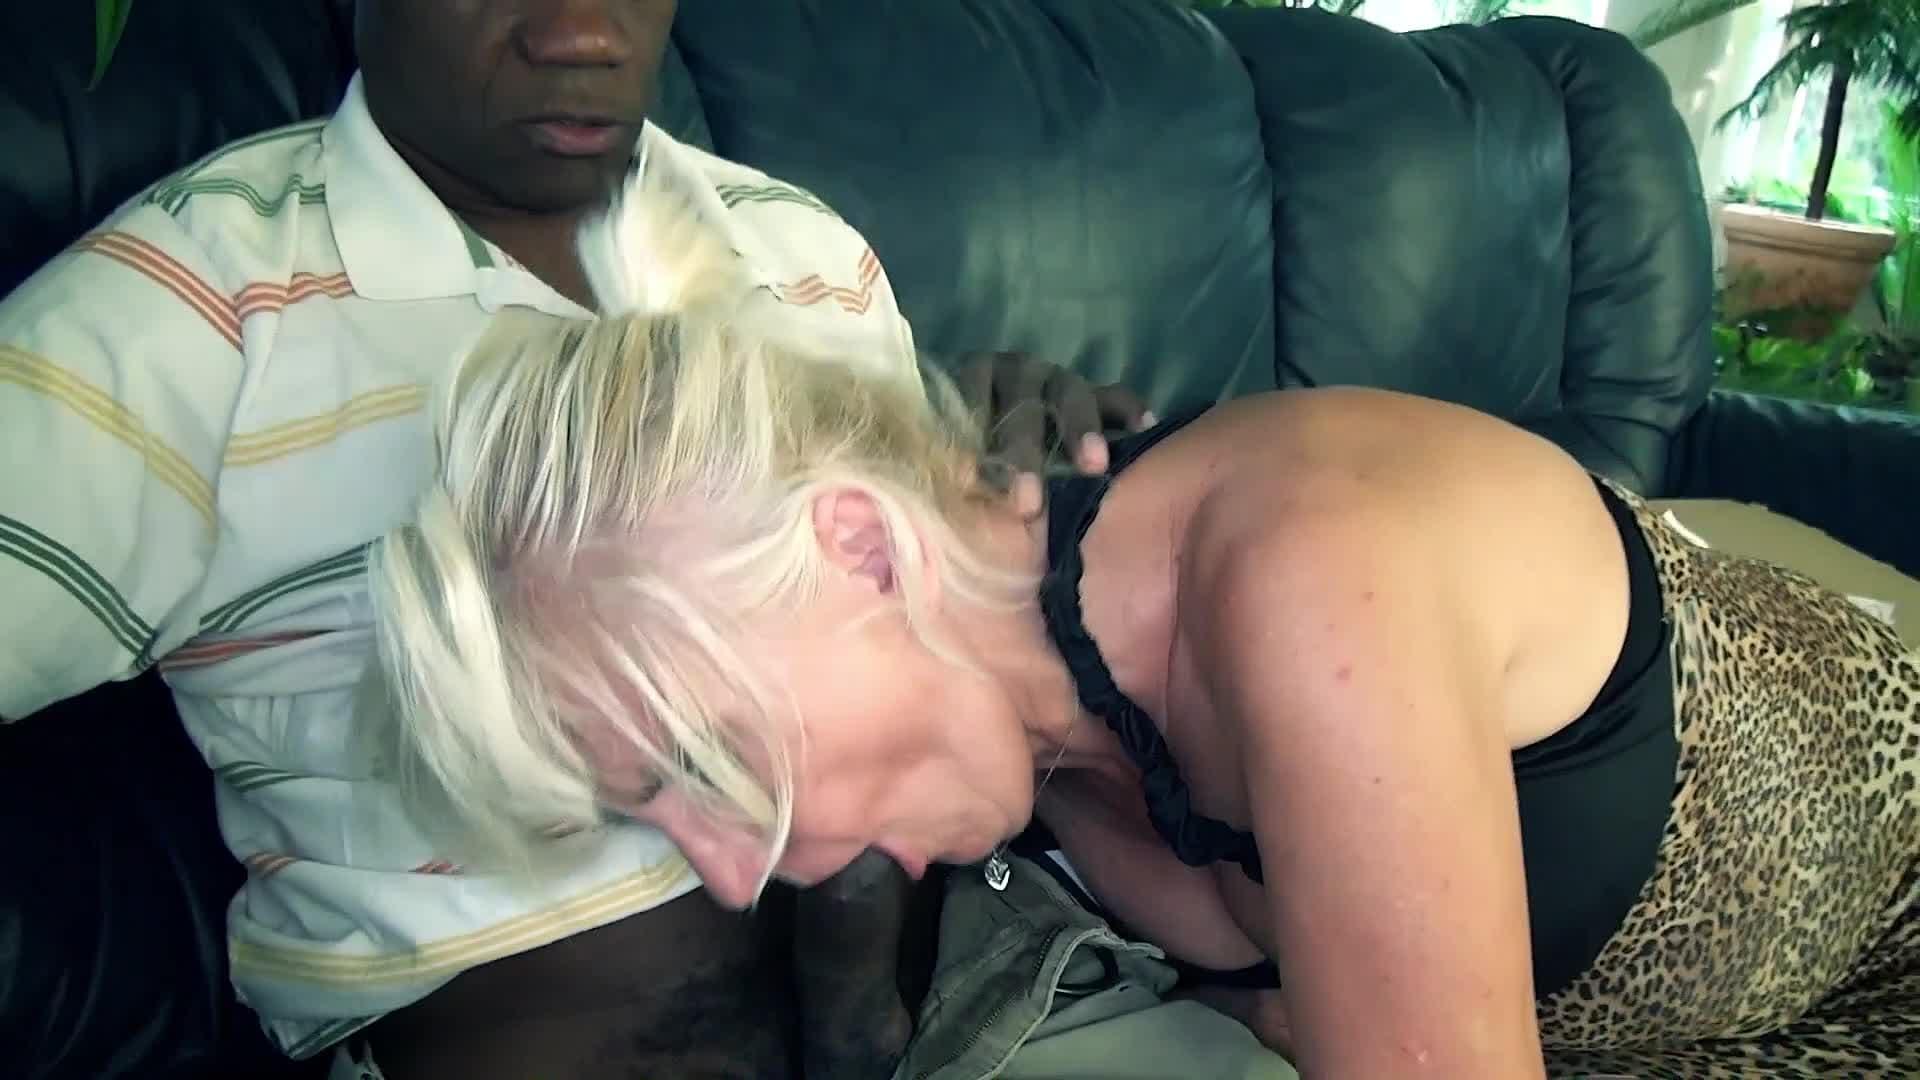 Negro Follando Una Rubia una mujer rubia madura se folla al repartidor que es negro